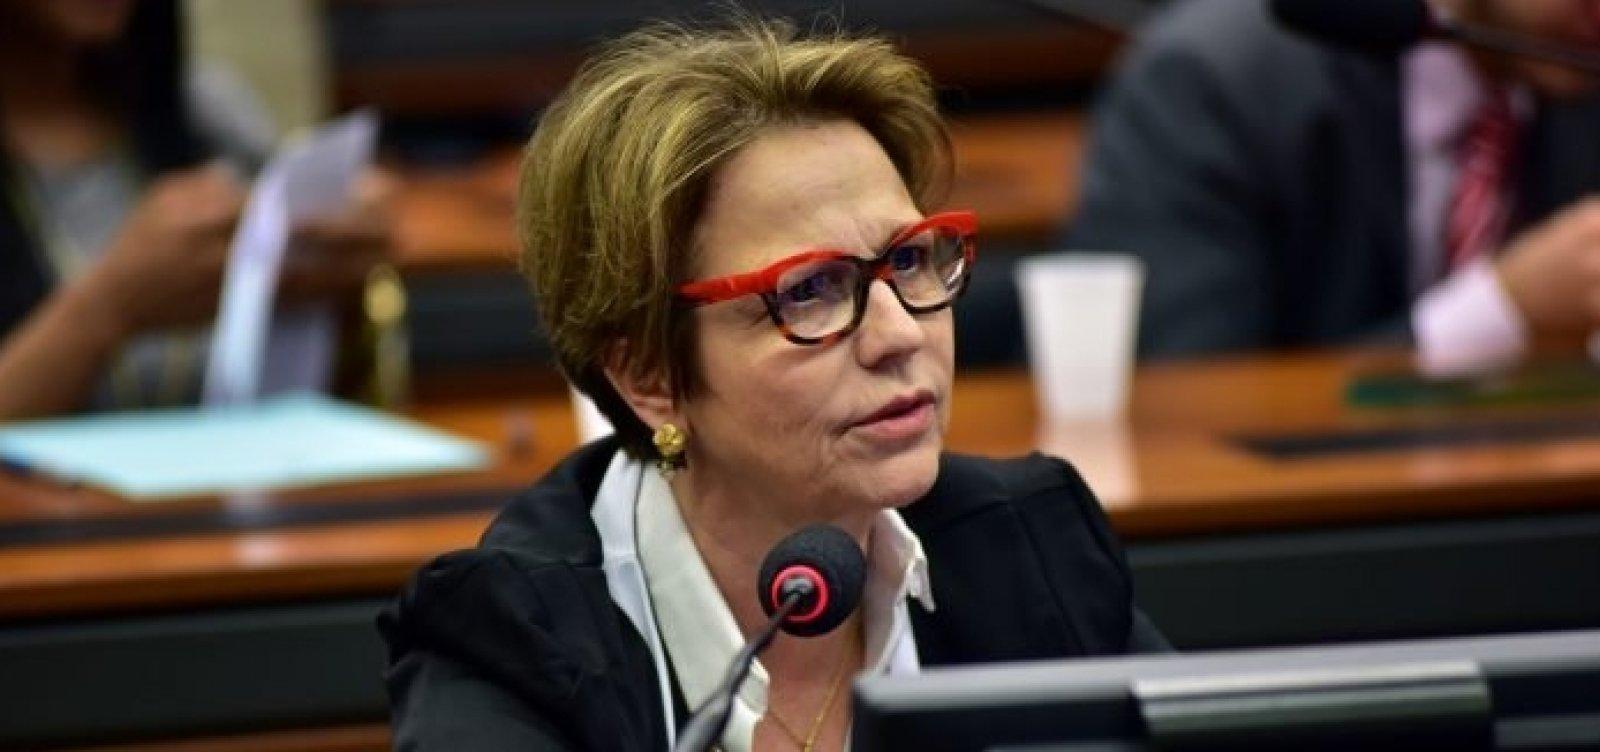 Futura ministra da Agricultura admite negócio com JBS, mas nega conflito de interesses